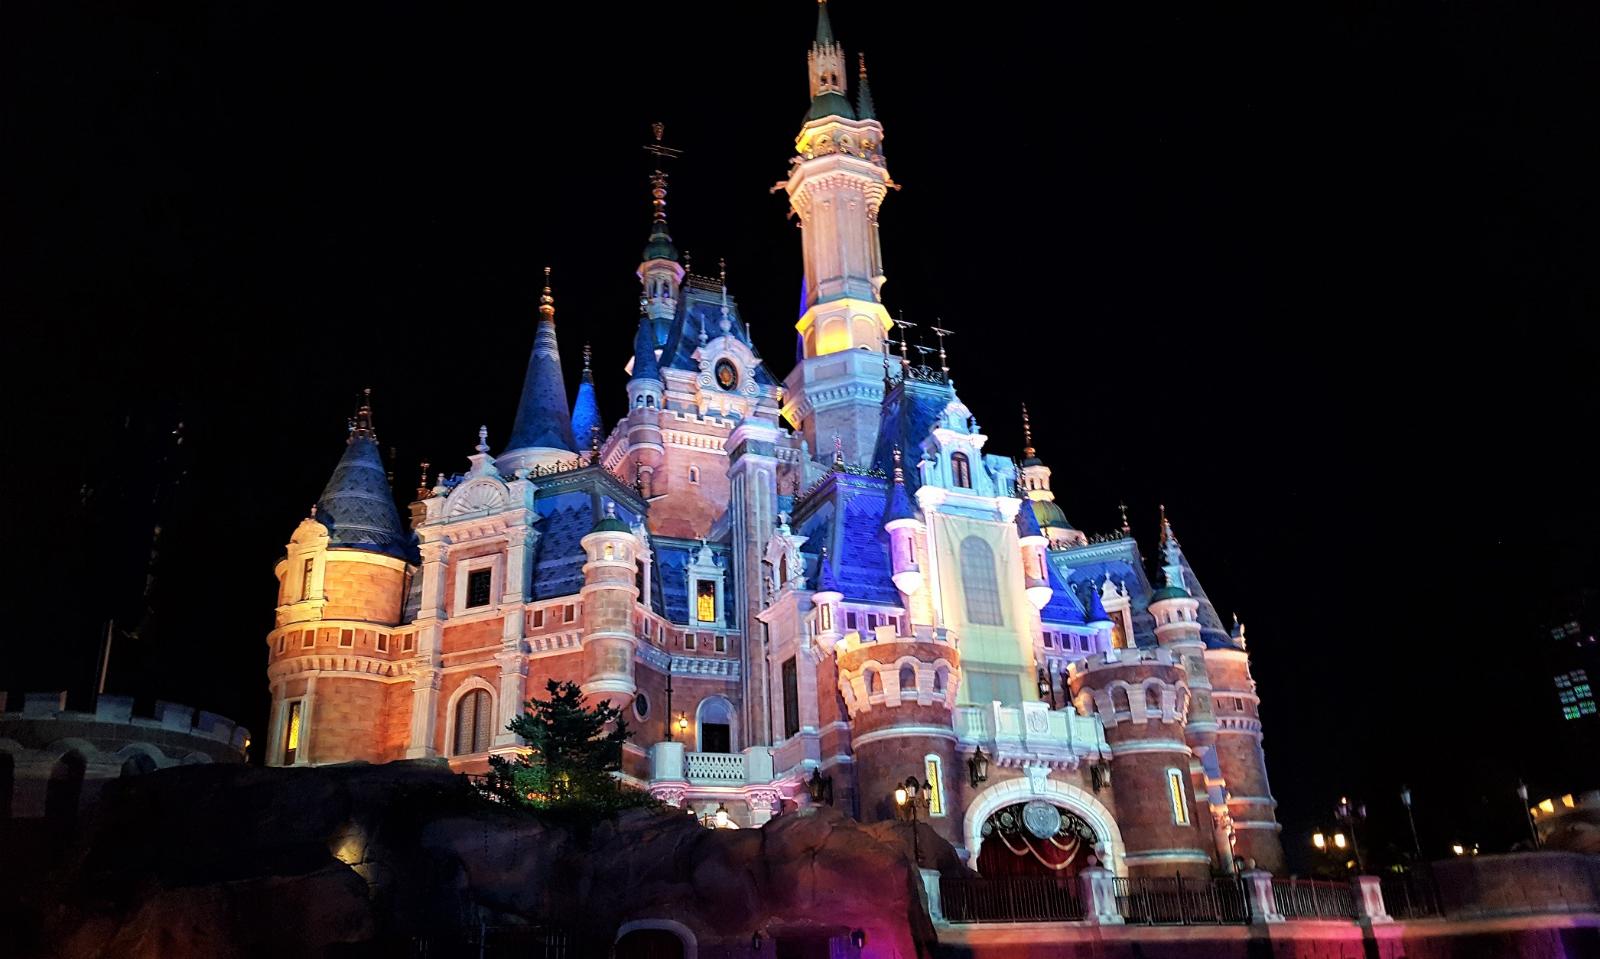 上海迪士尼乐园将于 5 月 11 日重新开放